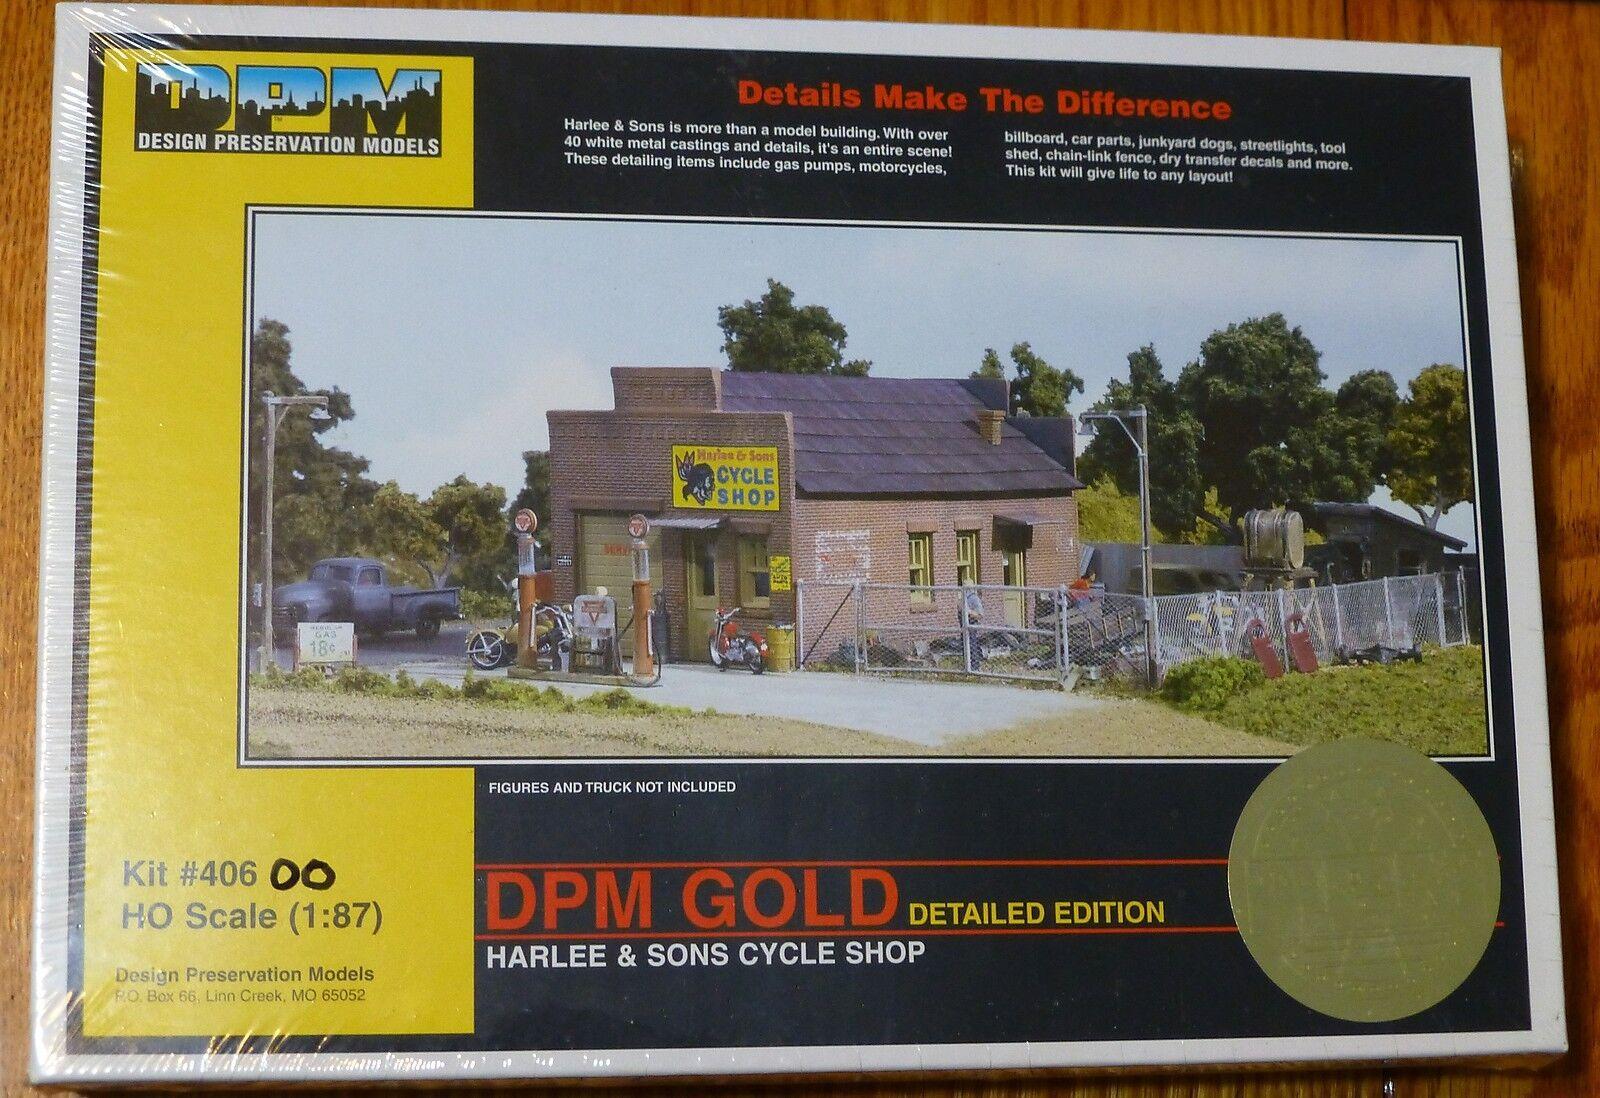 Dpm Diseño preservación Modelos Ho harlee & Sons ciclo Shop (forma De Kit)